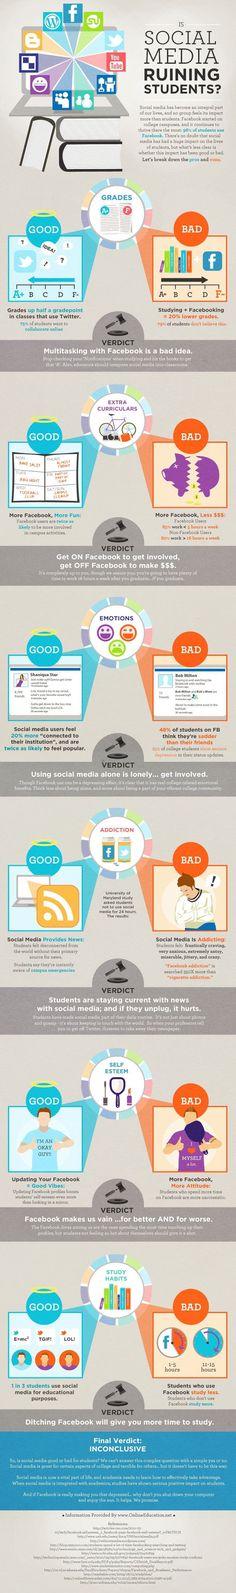 Infografía sobre el impacto de las redes sociales en los estudiantes